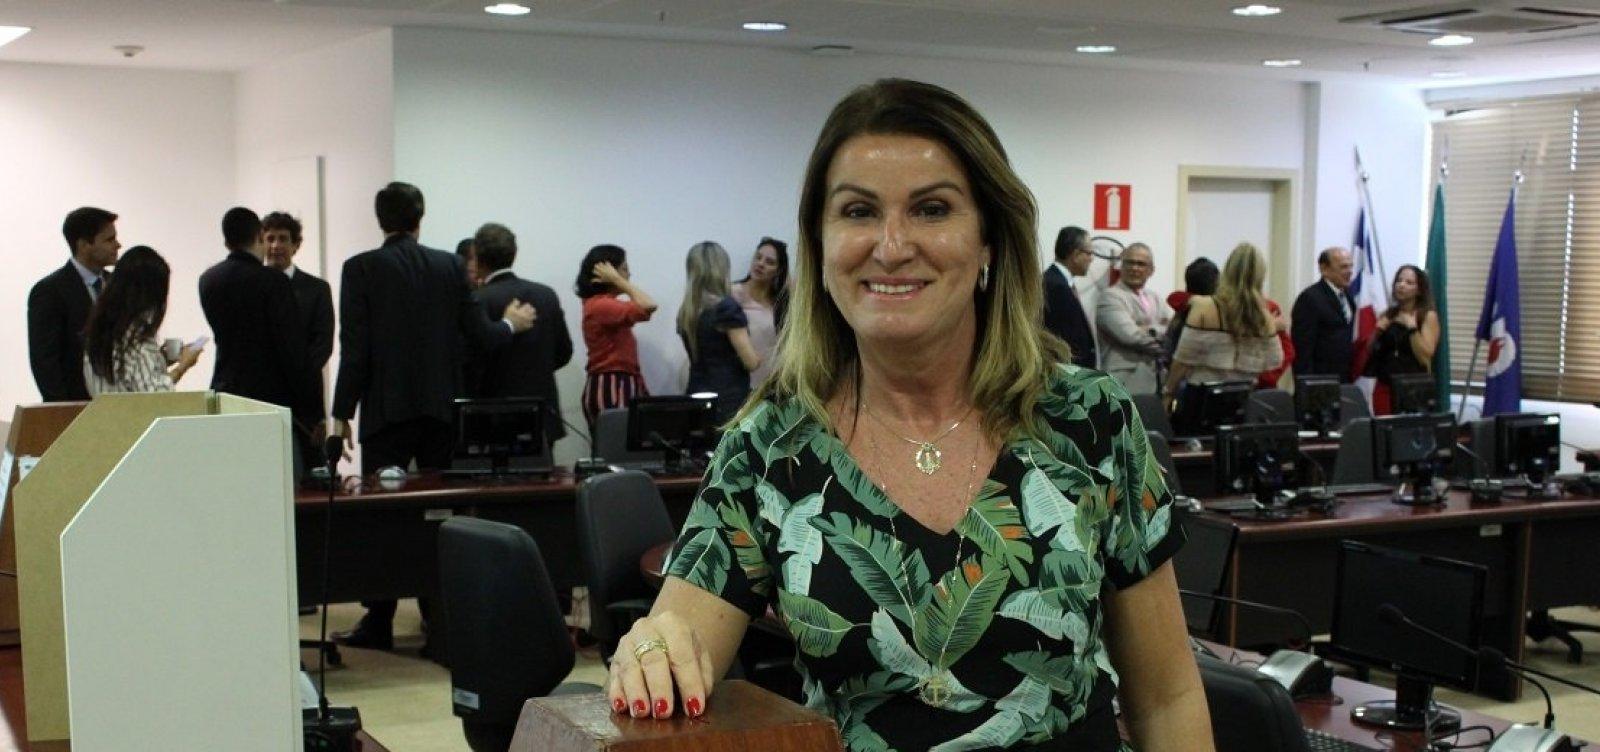 Ediene Lousado é a mais votada em eleição para indicação ao CNMP